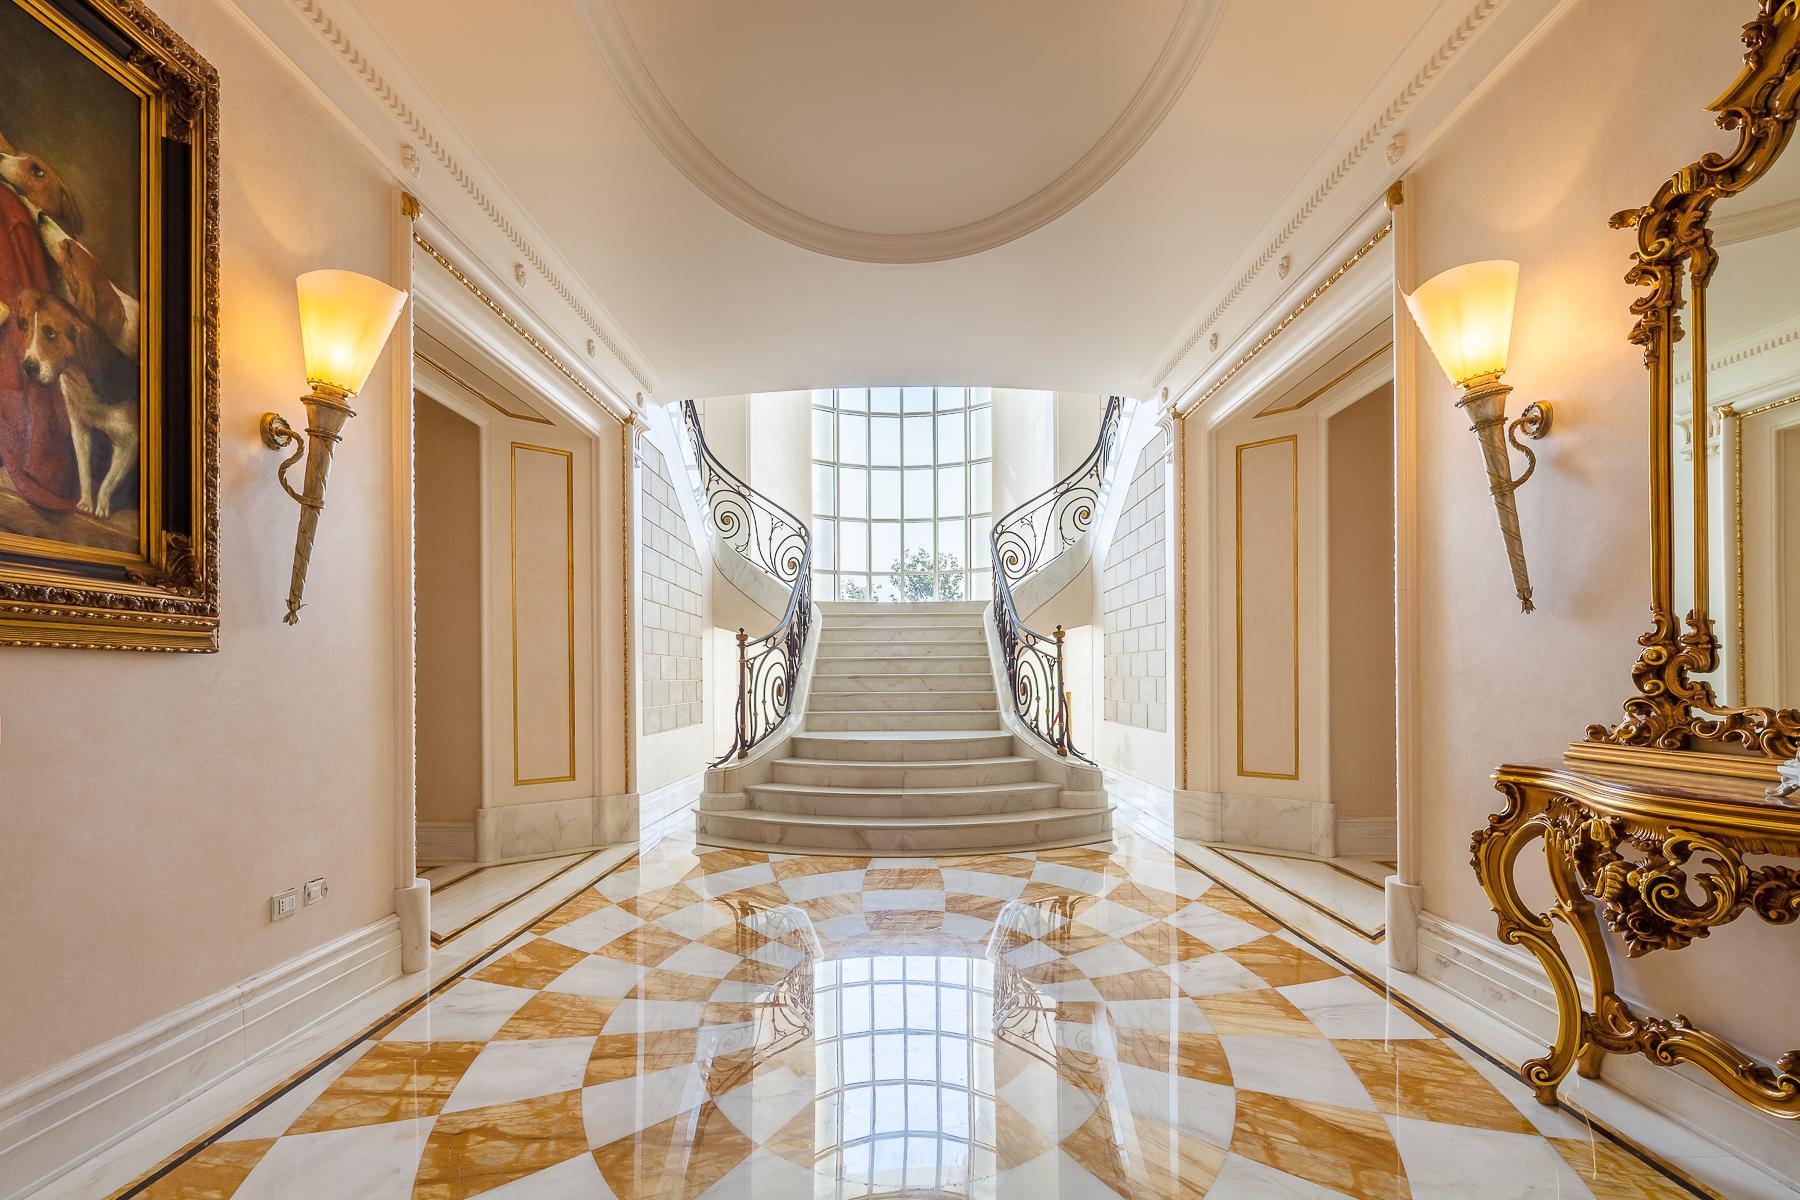 坐落在米兰和都灵之间的白宫 - 19